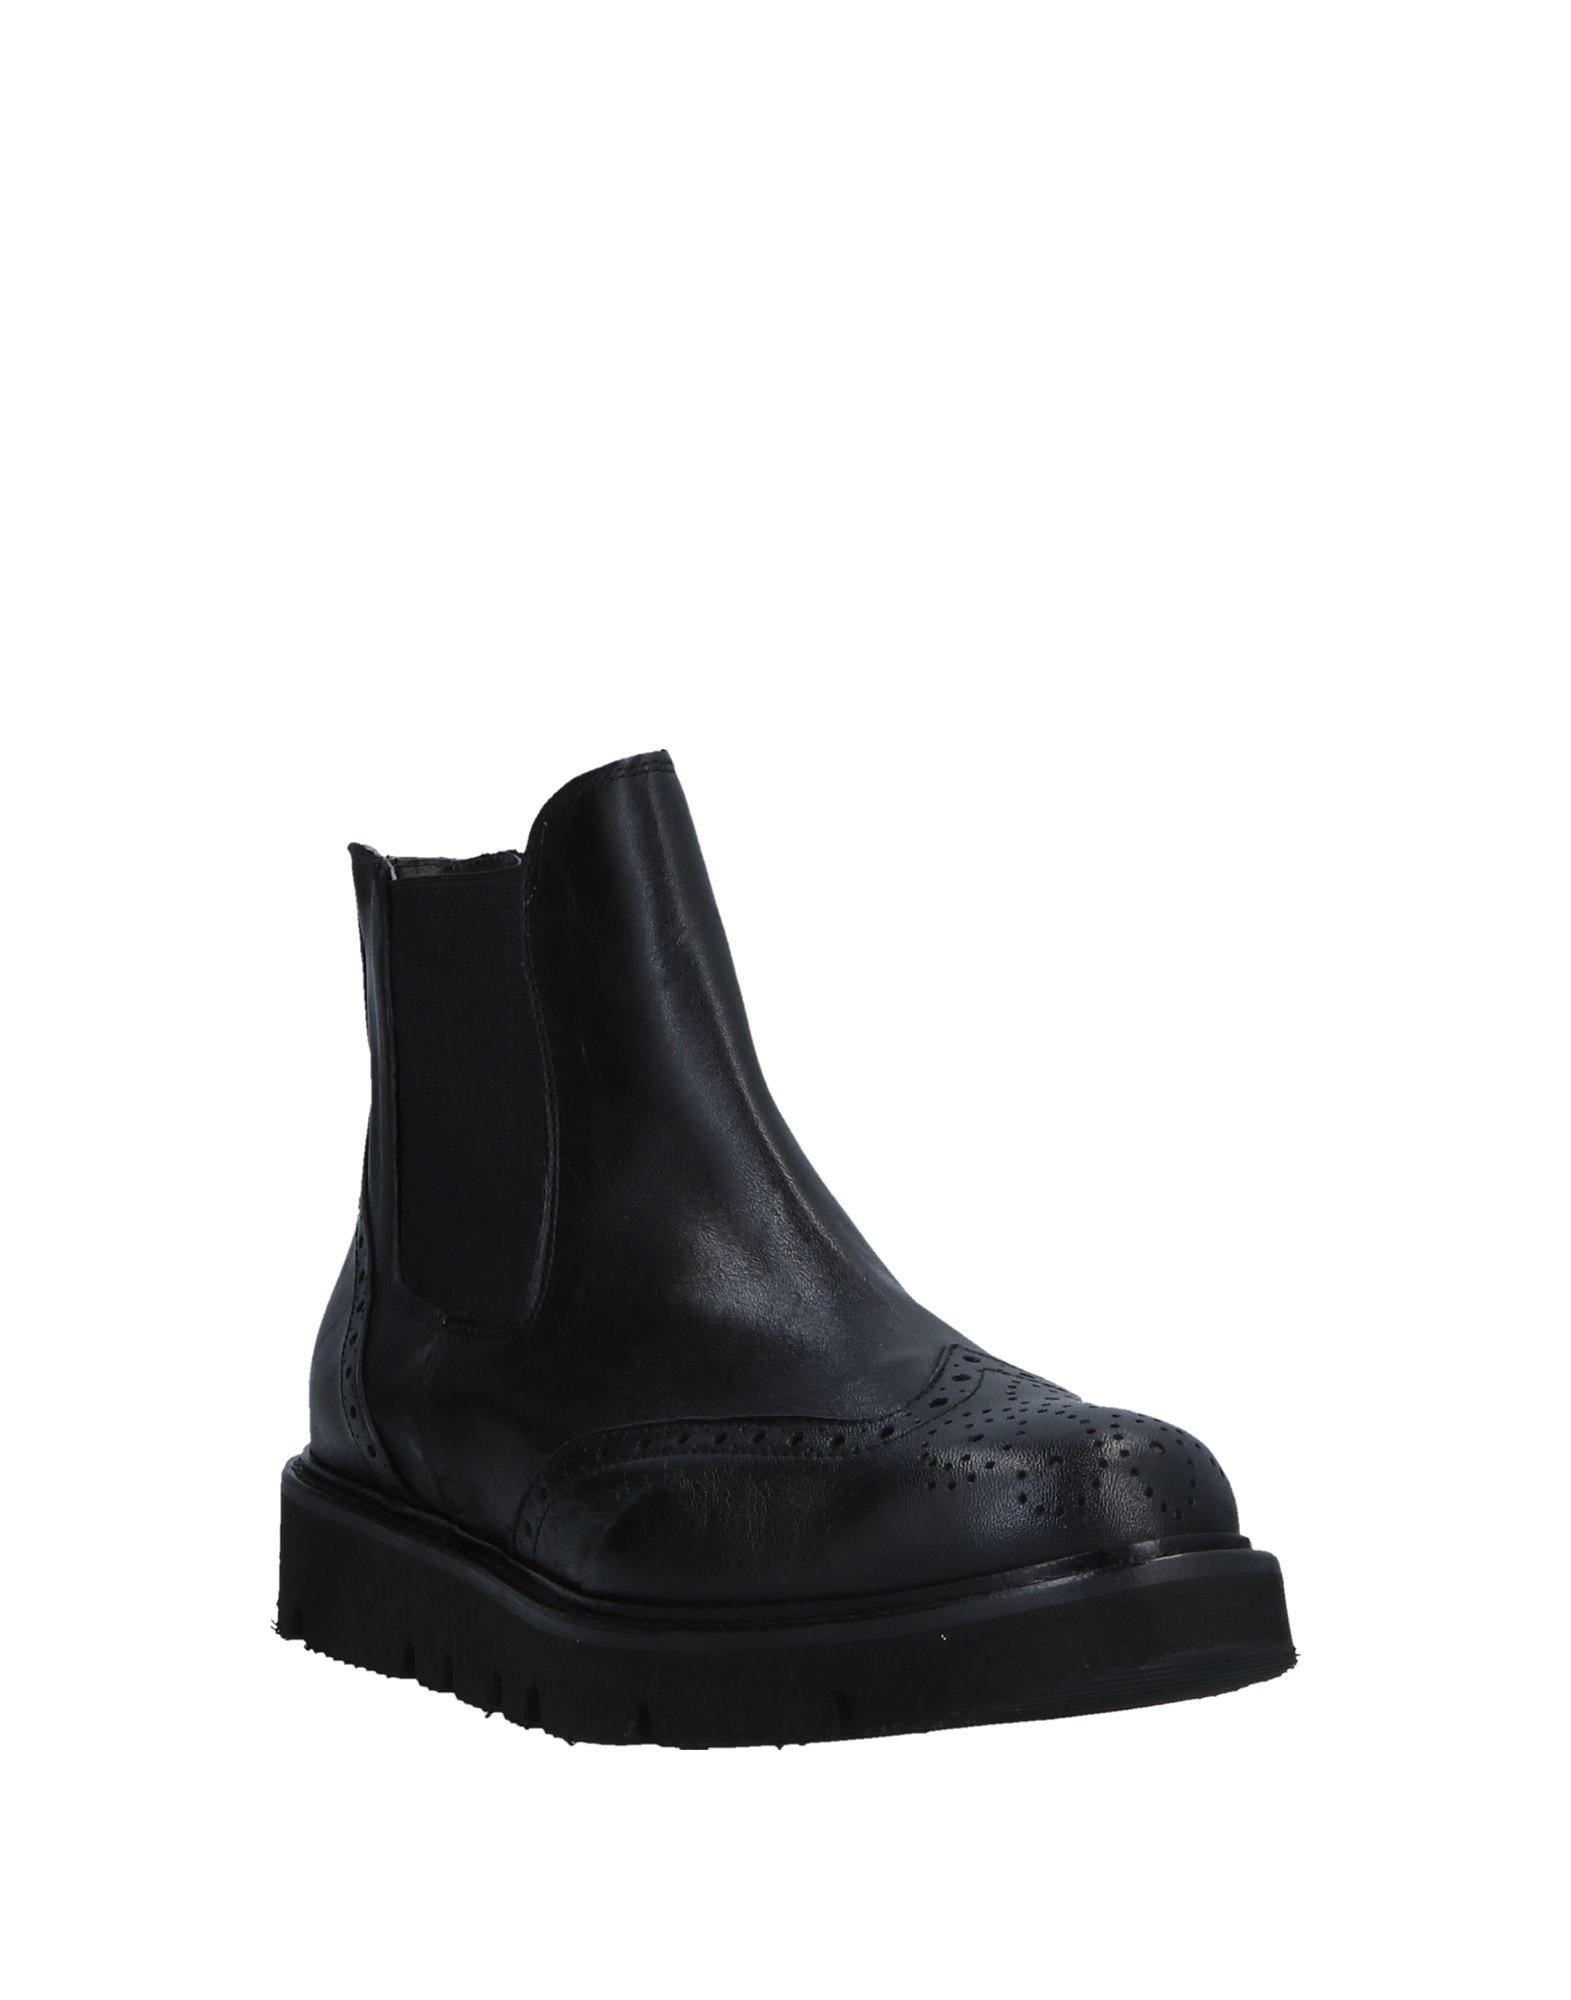 Zanfrini Cantù Chelsea Boots Damen Damen Damen  11515219VC Gute Qualität beliebte Schuhe 39f60d